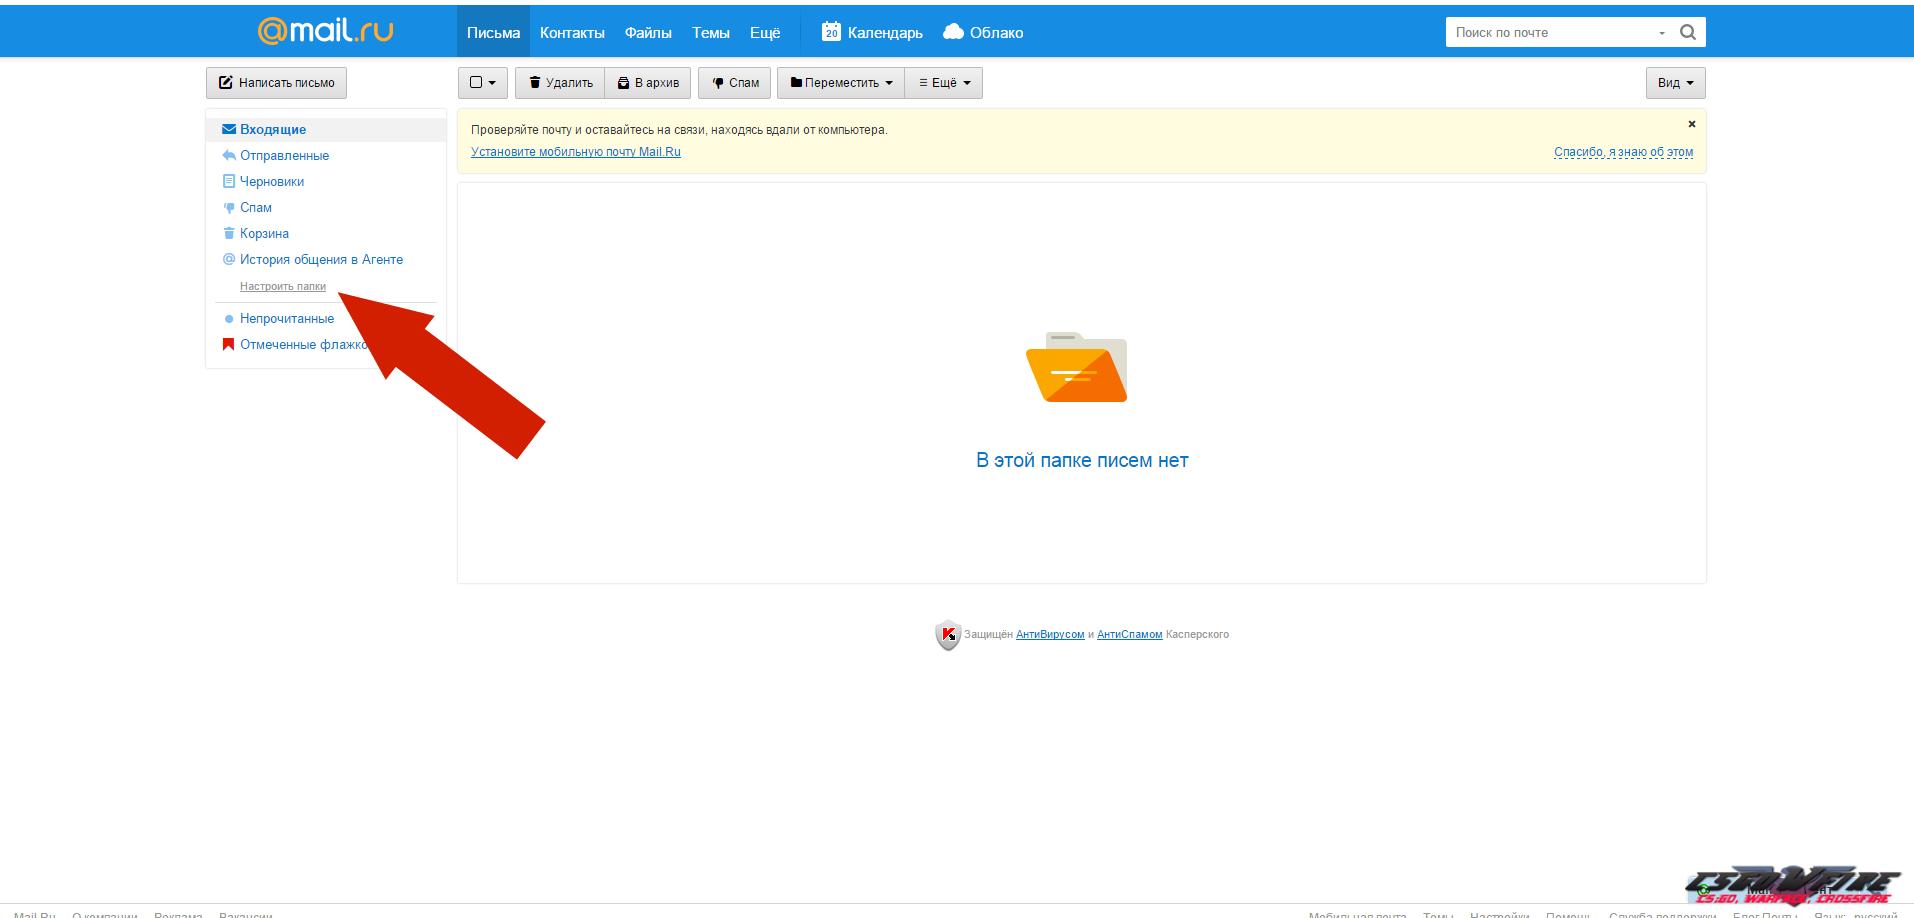 Как избавиться от непрочитанных сообщений в приложении Gmail 37